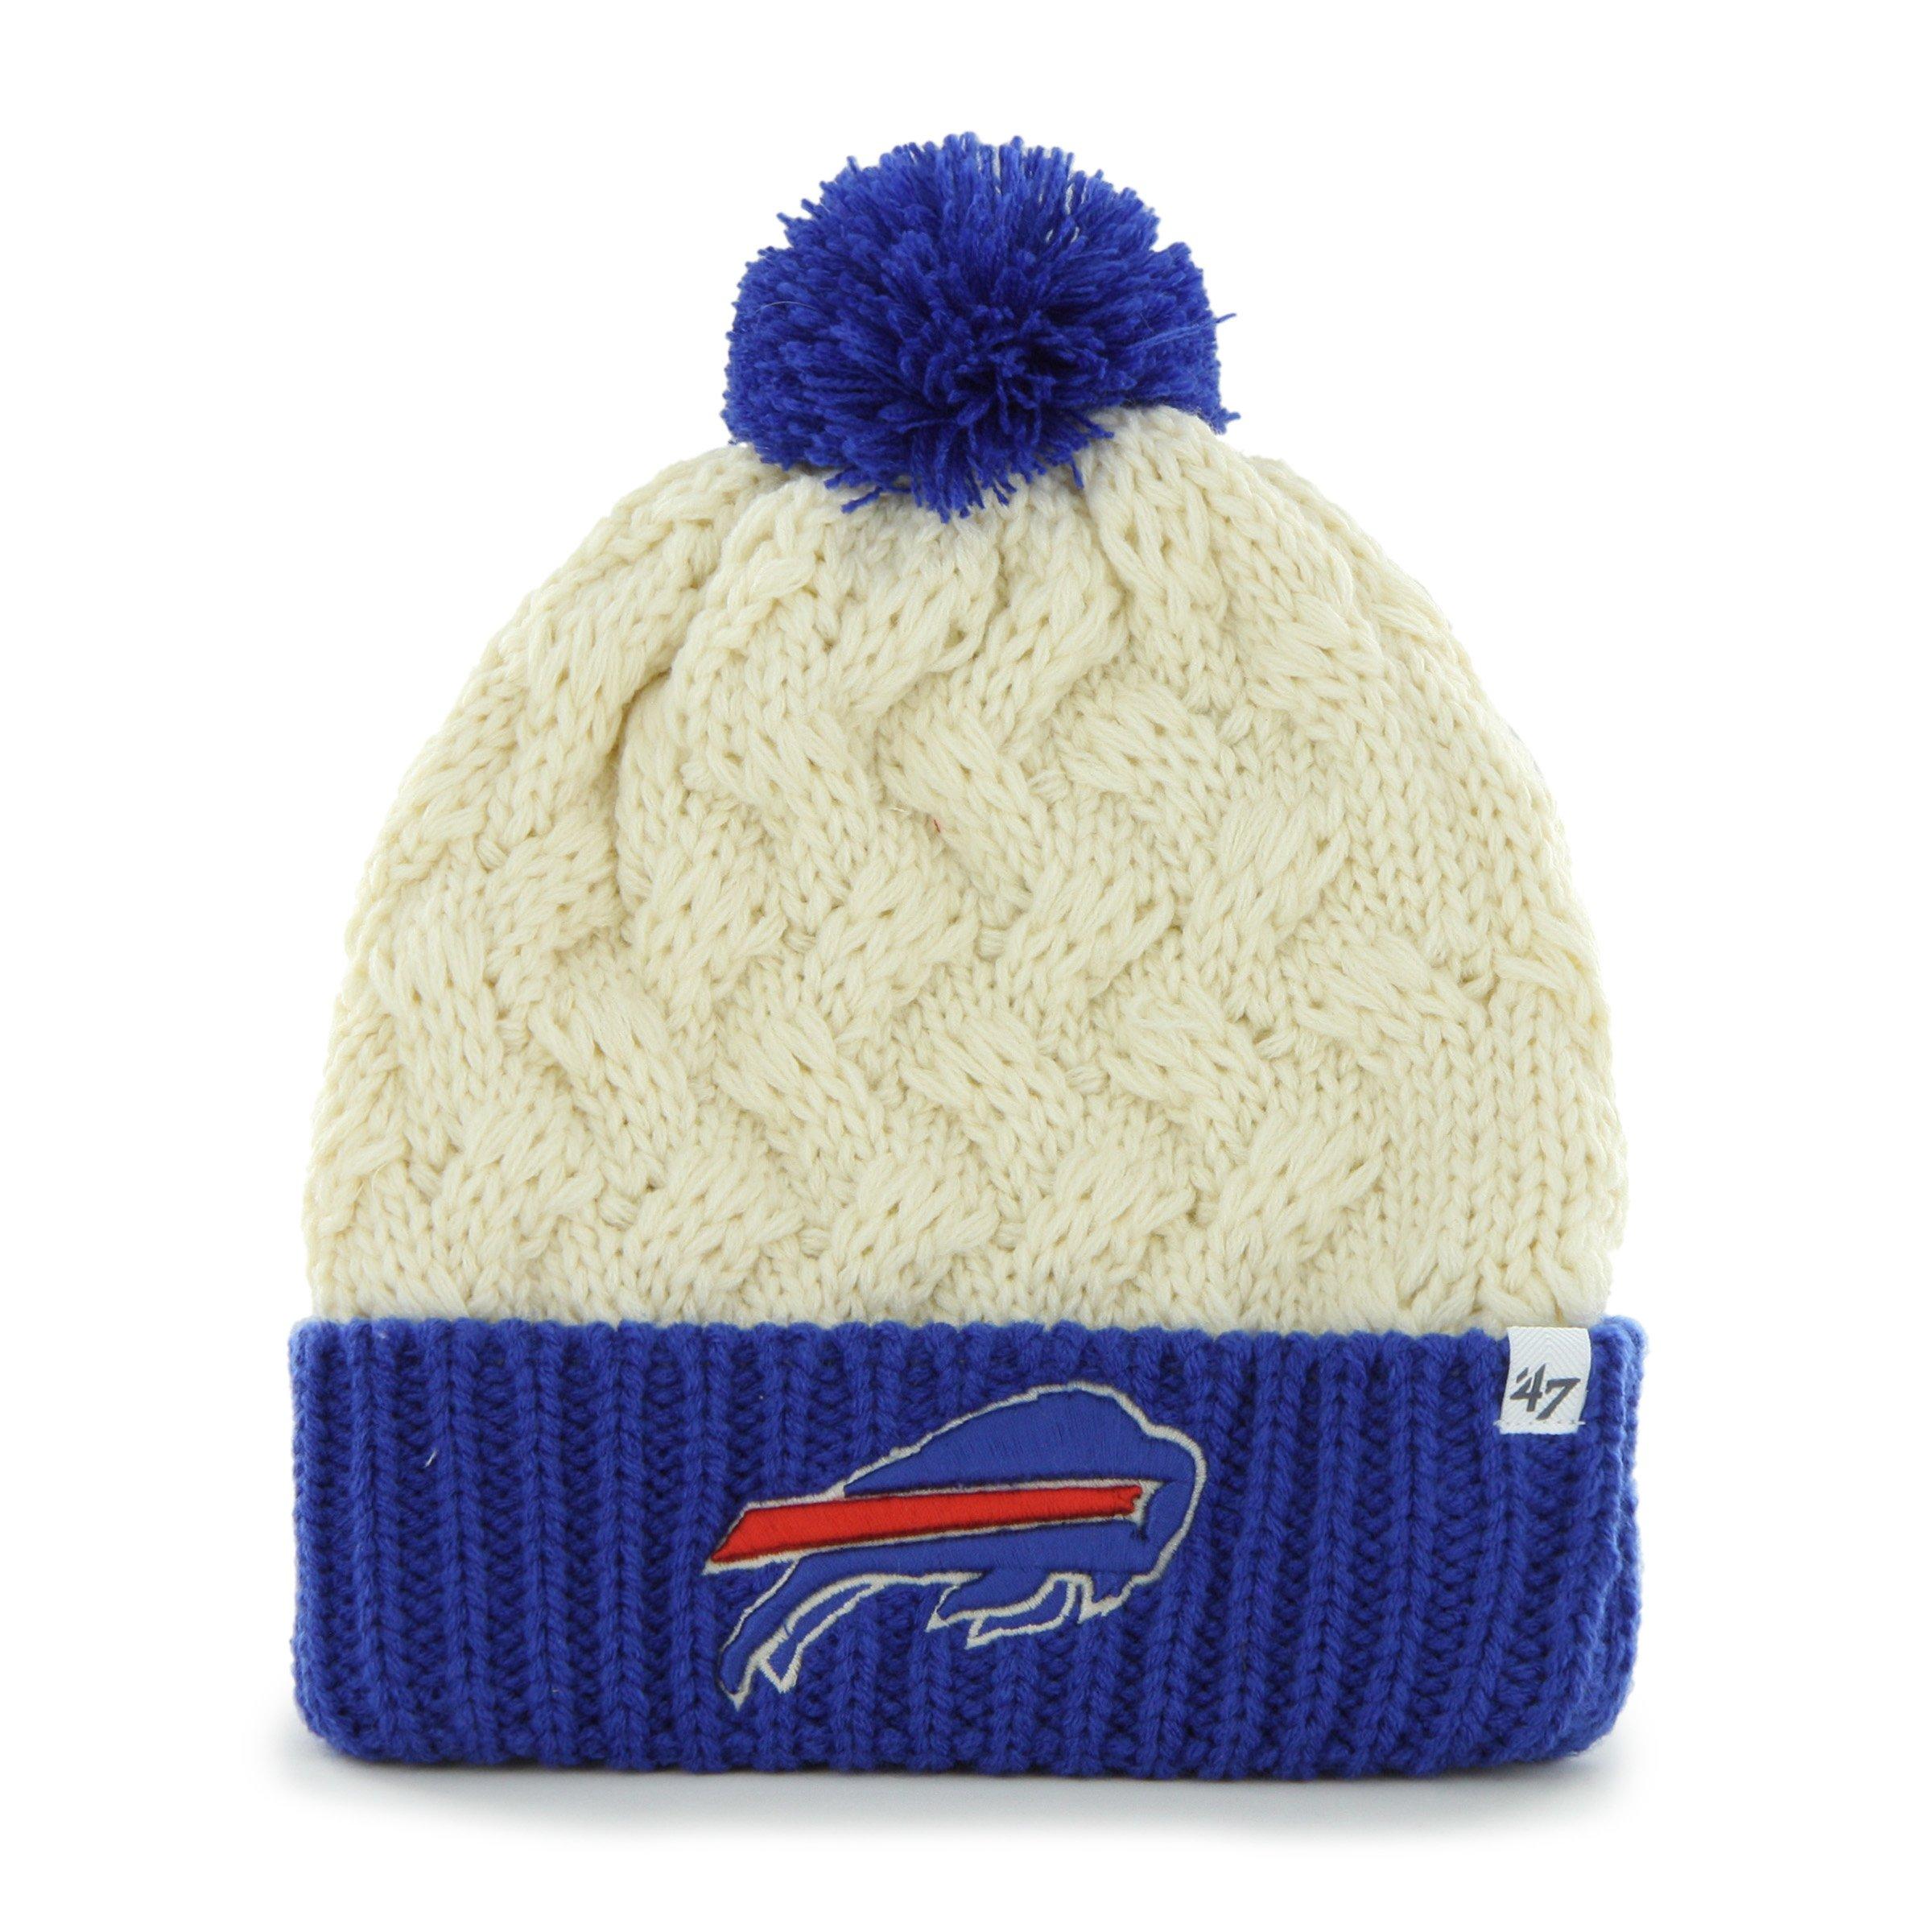 '47 NFL Buffalo Bills Women's Matterhorn Cuff Knit Hat, One Size, Natural